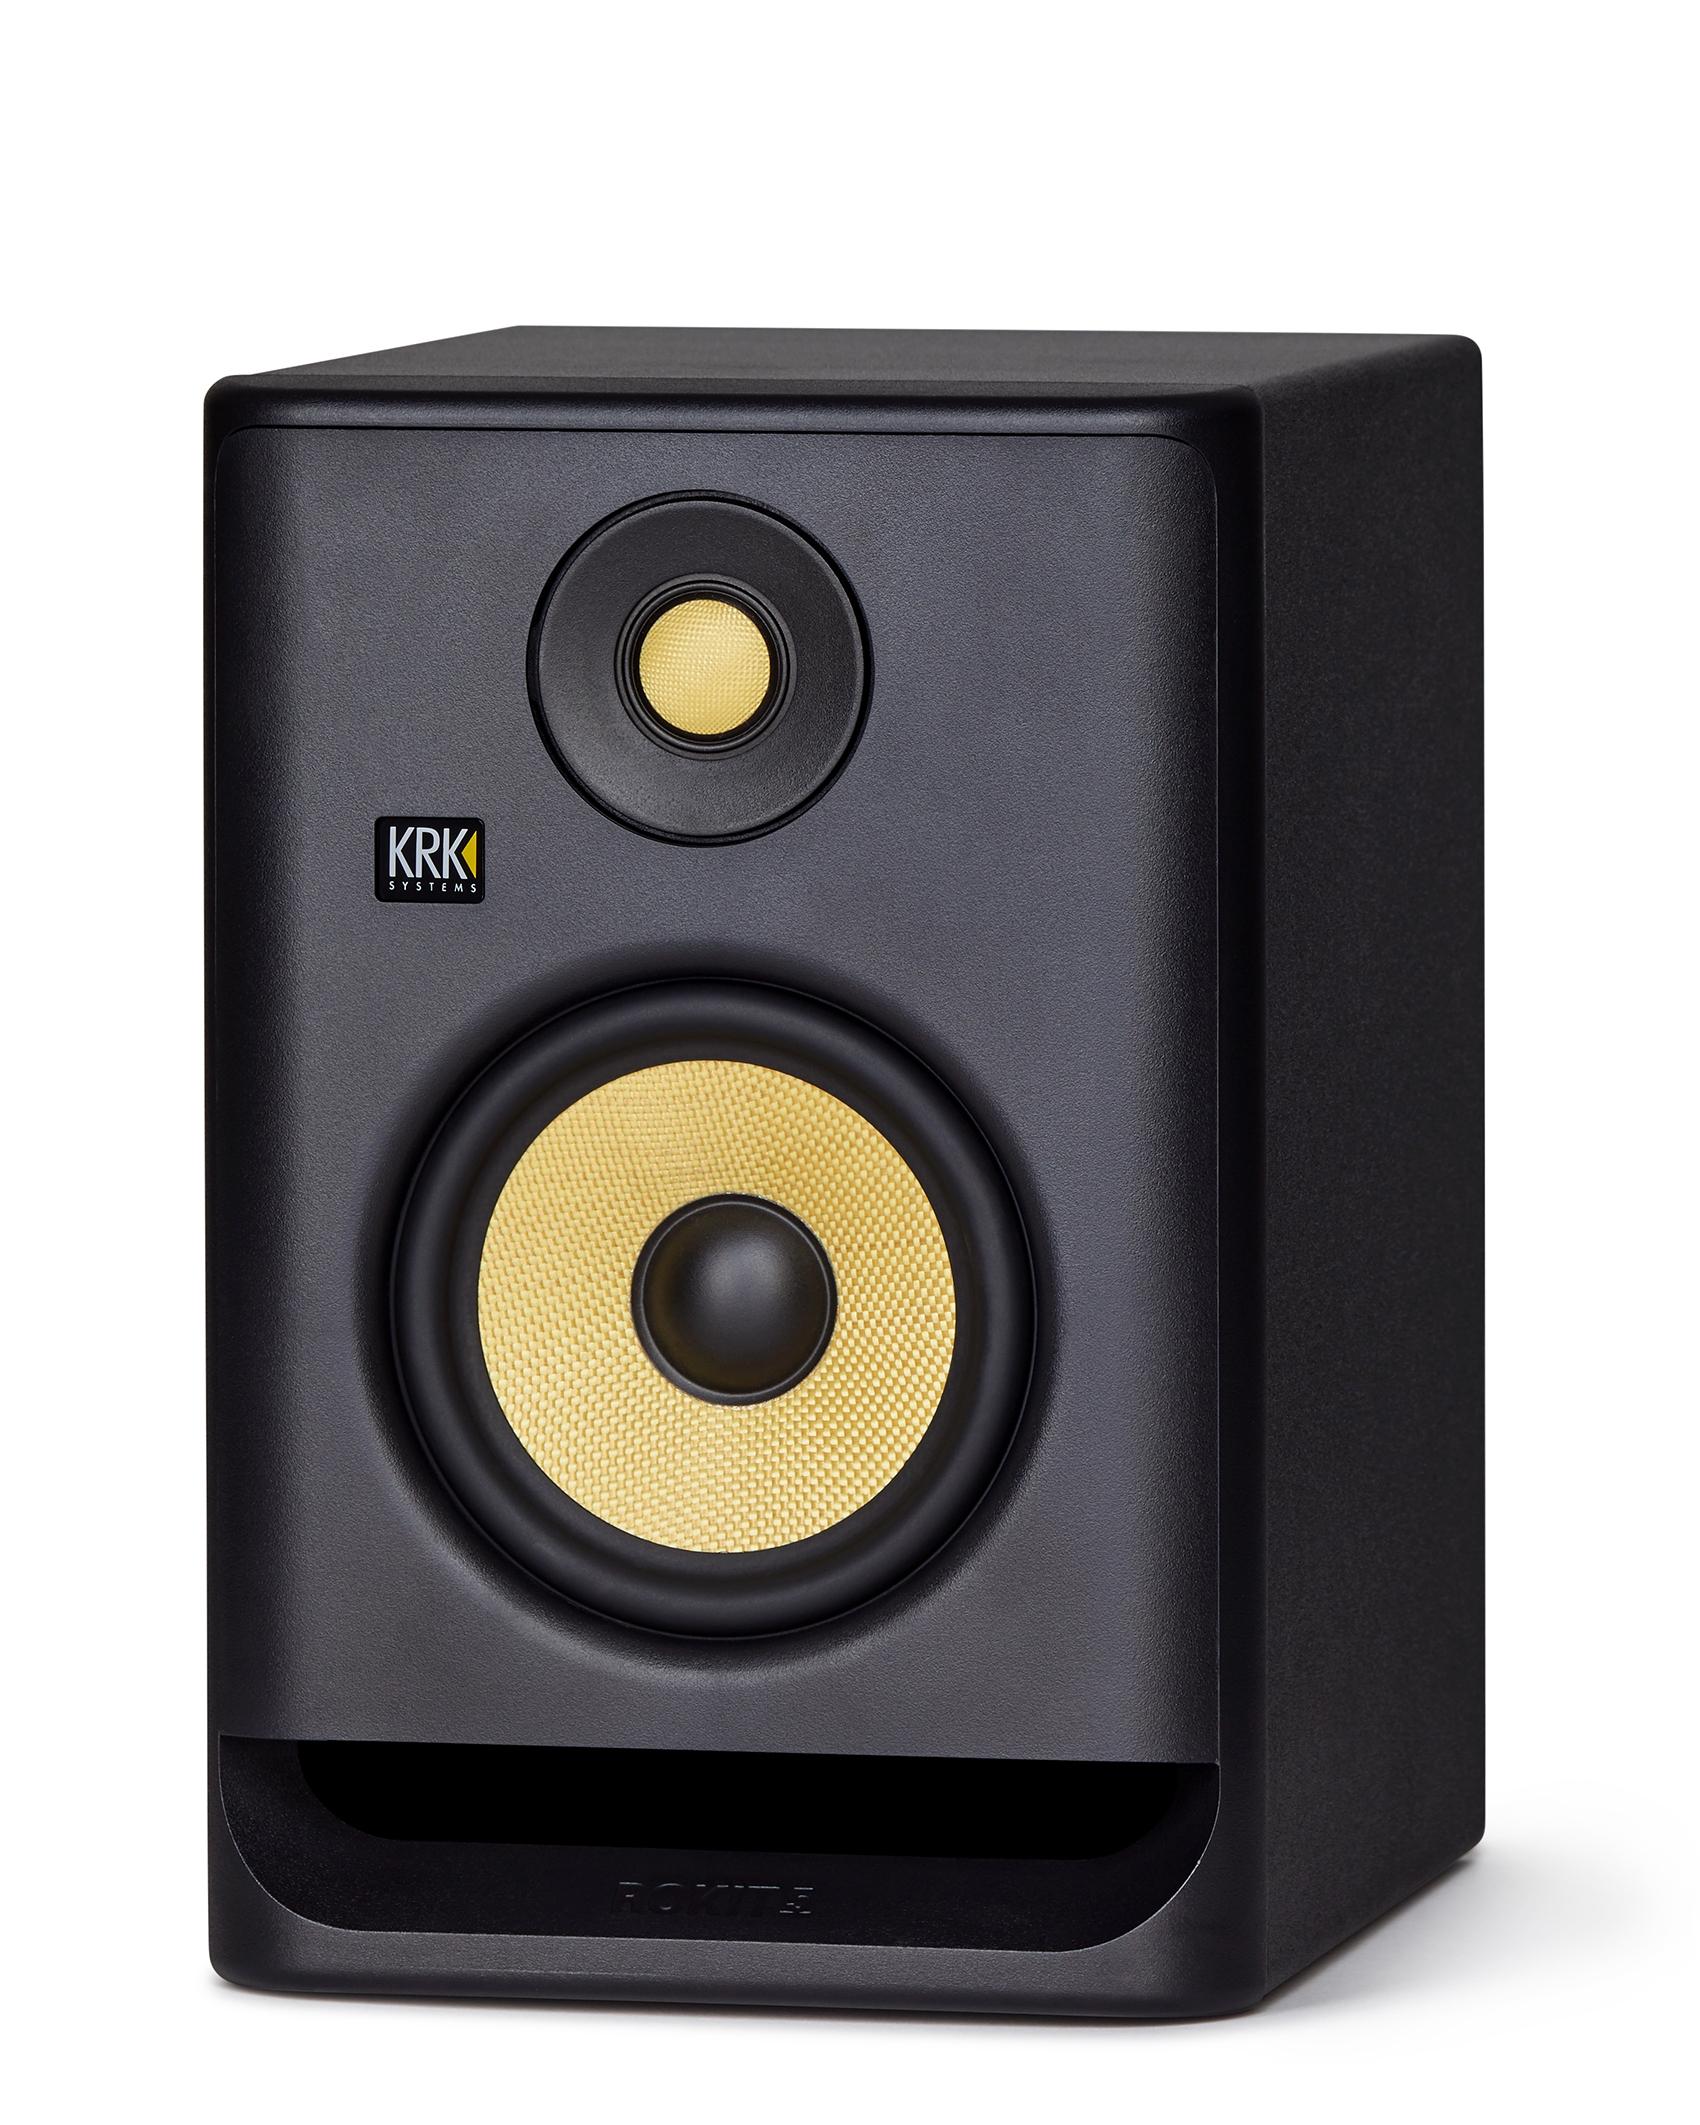 2x krk rokit rp5 g4 speakers bop dj. Black Bedroom Furniture Sets. Home Design Ideas